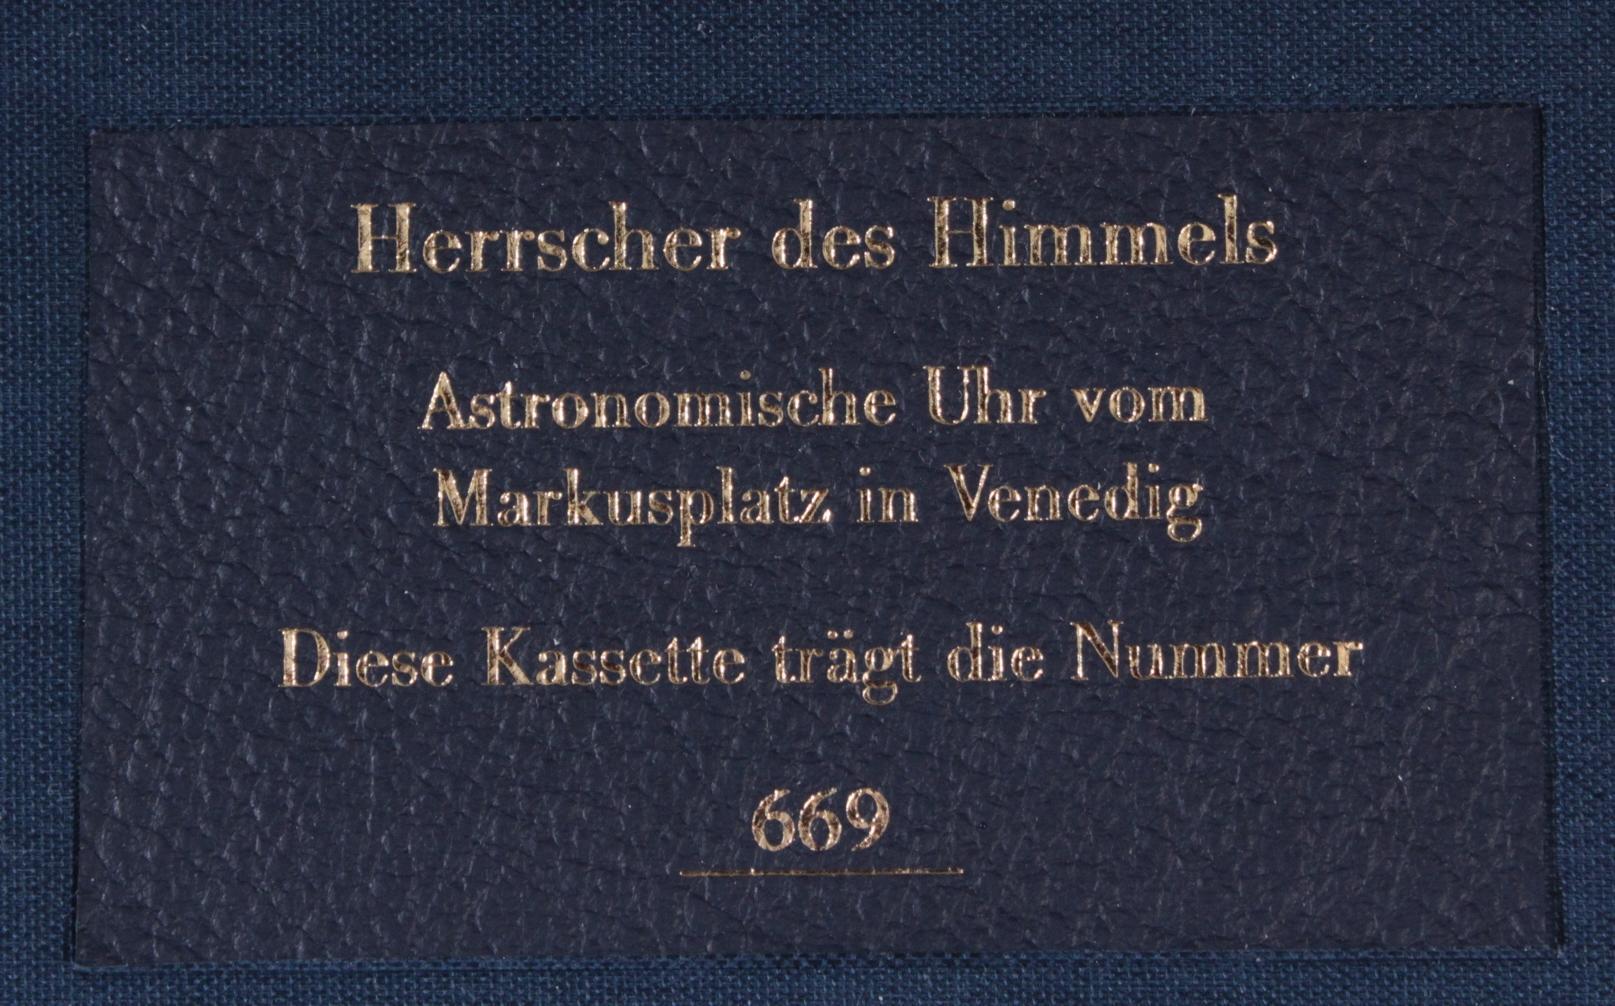 Herrscher des Himmels, Faksimile, Coron Exclusiv Ausgabe-4